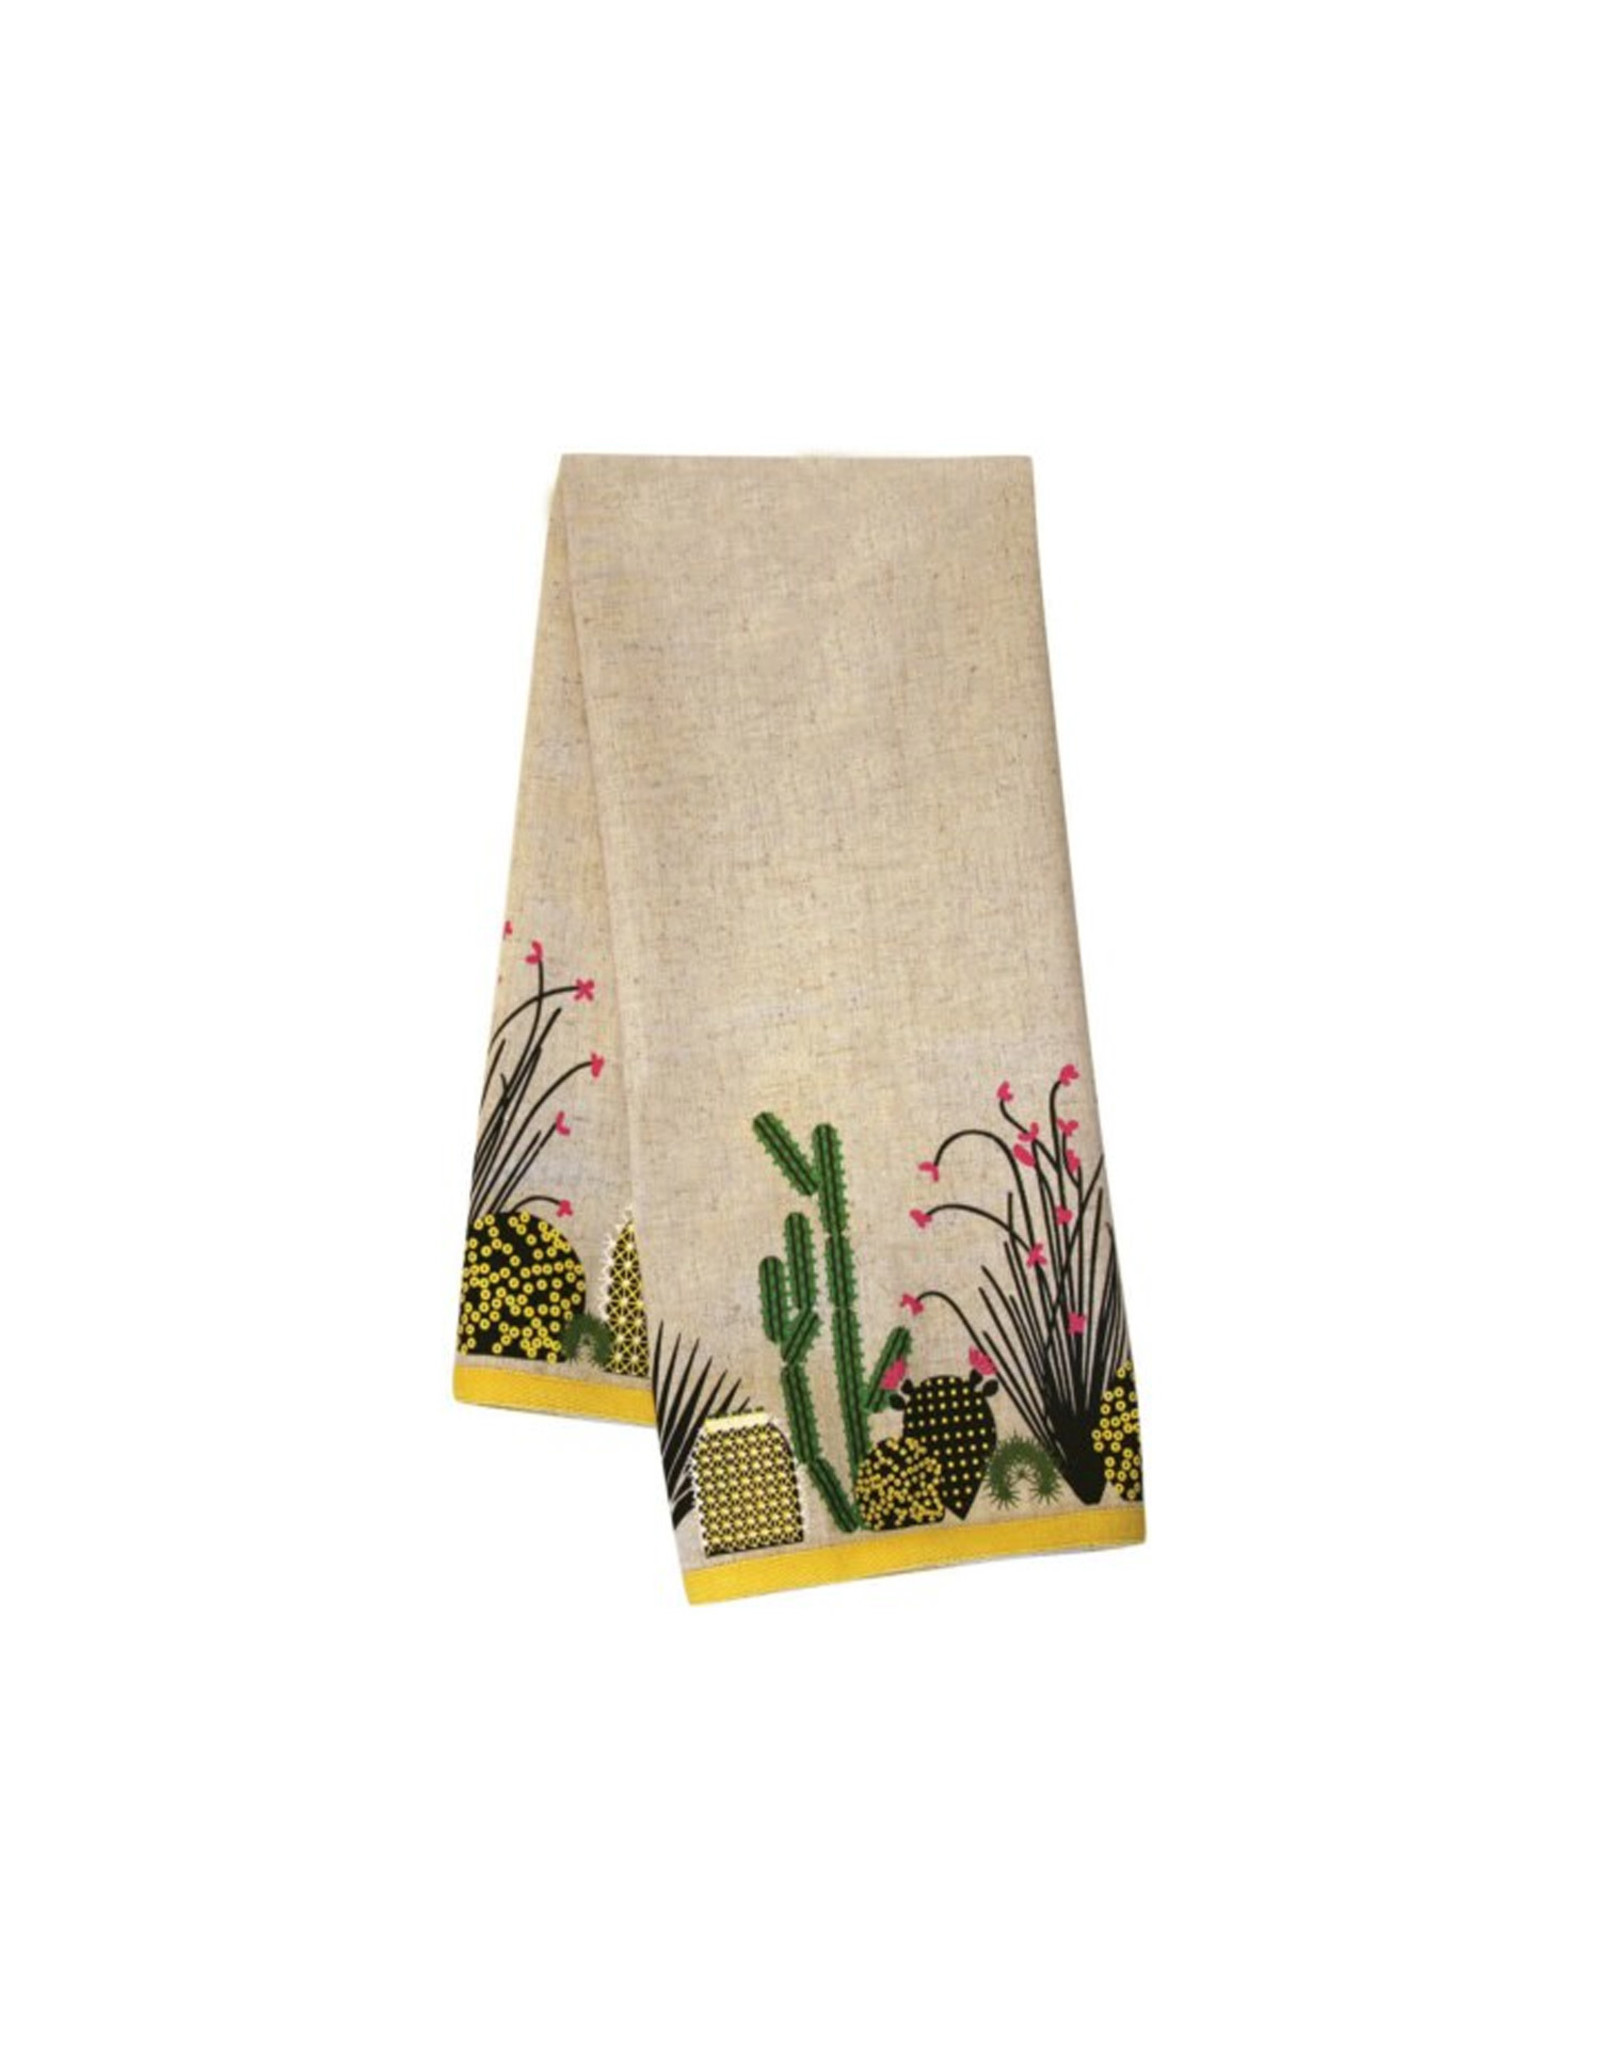 Charley Harper Tea Towel, Cactus